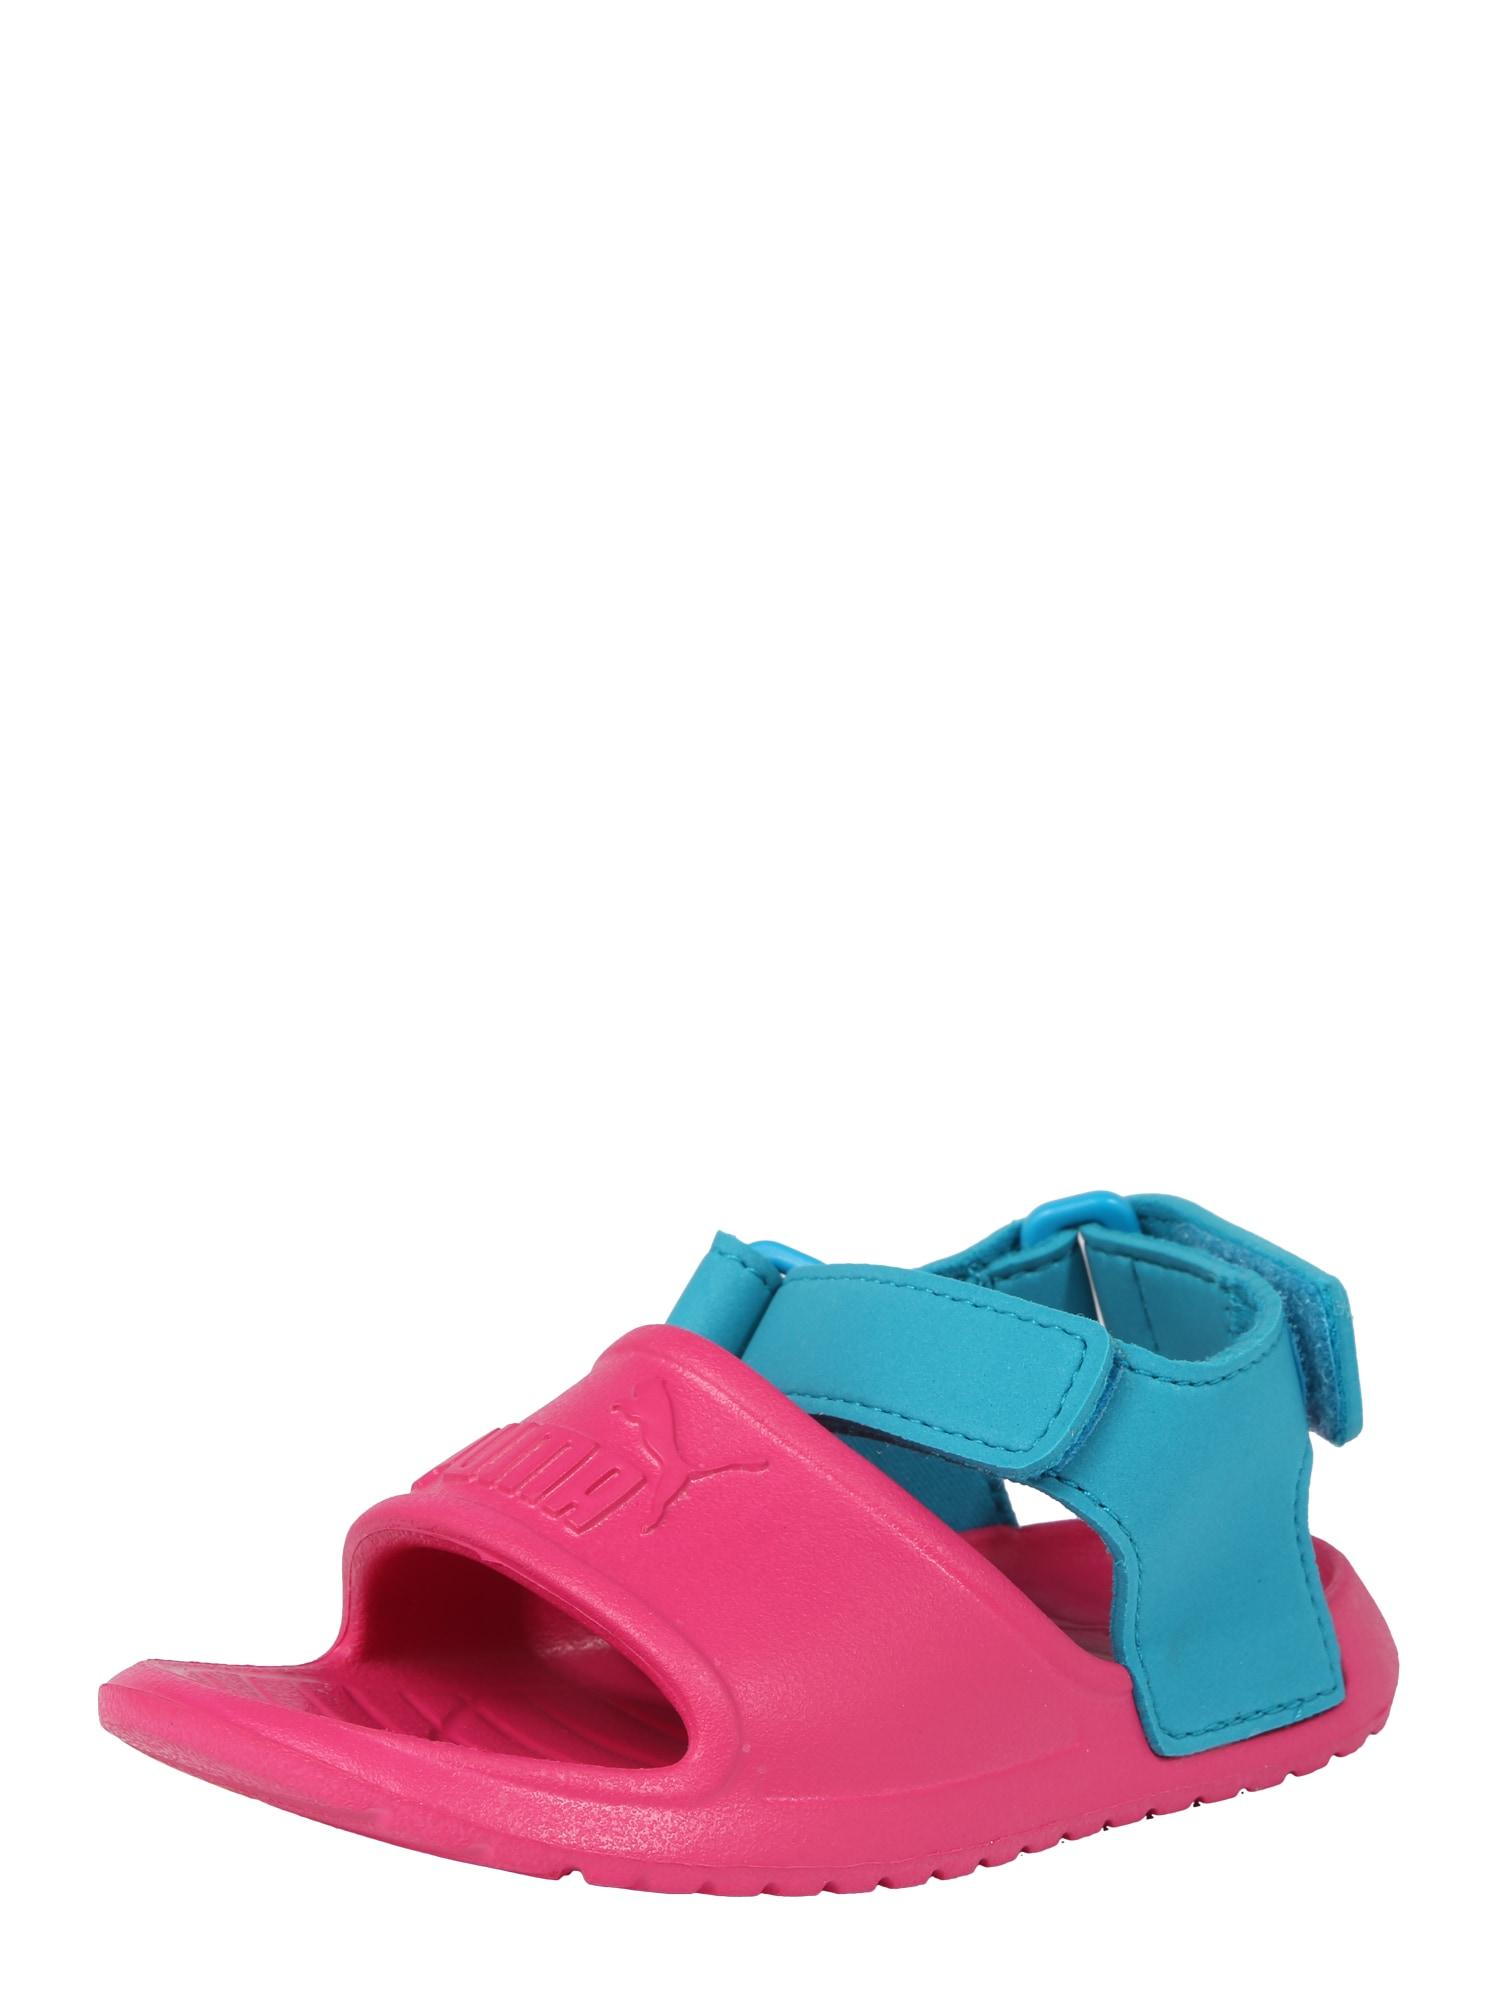 Otevřená obuv Divecat v2 Injex Inf pink PUMA